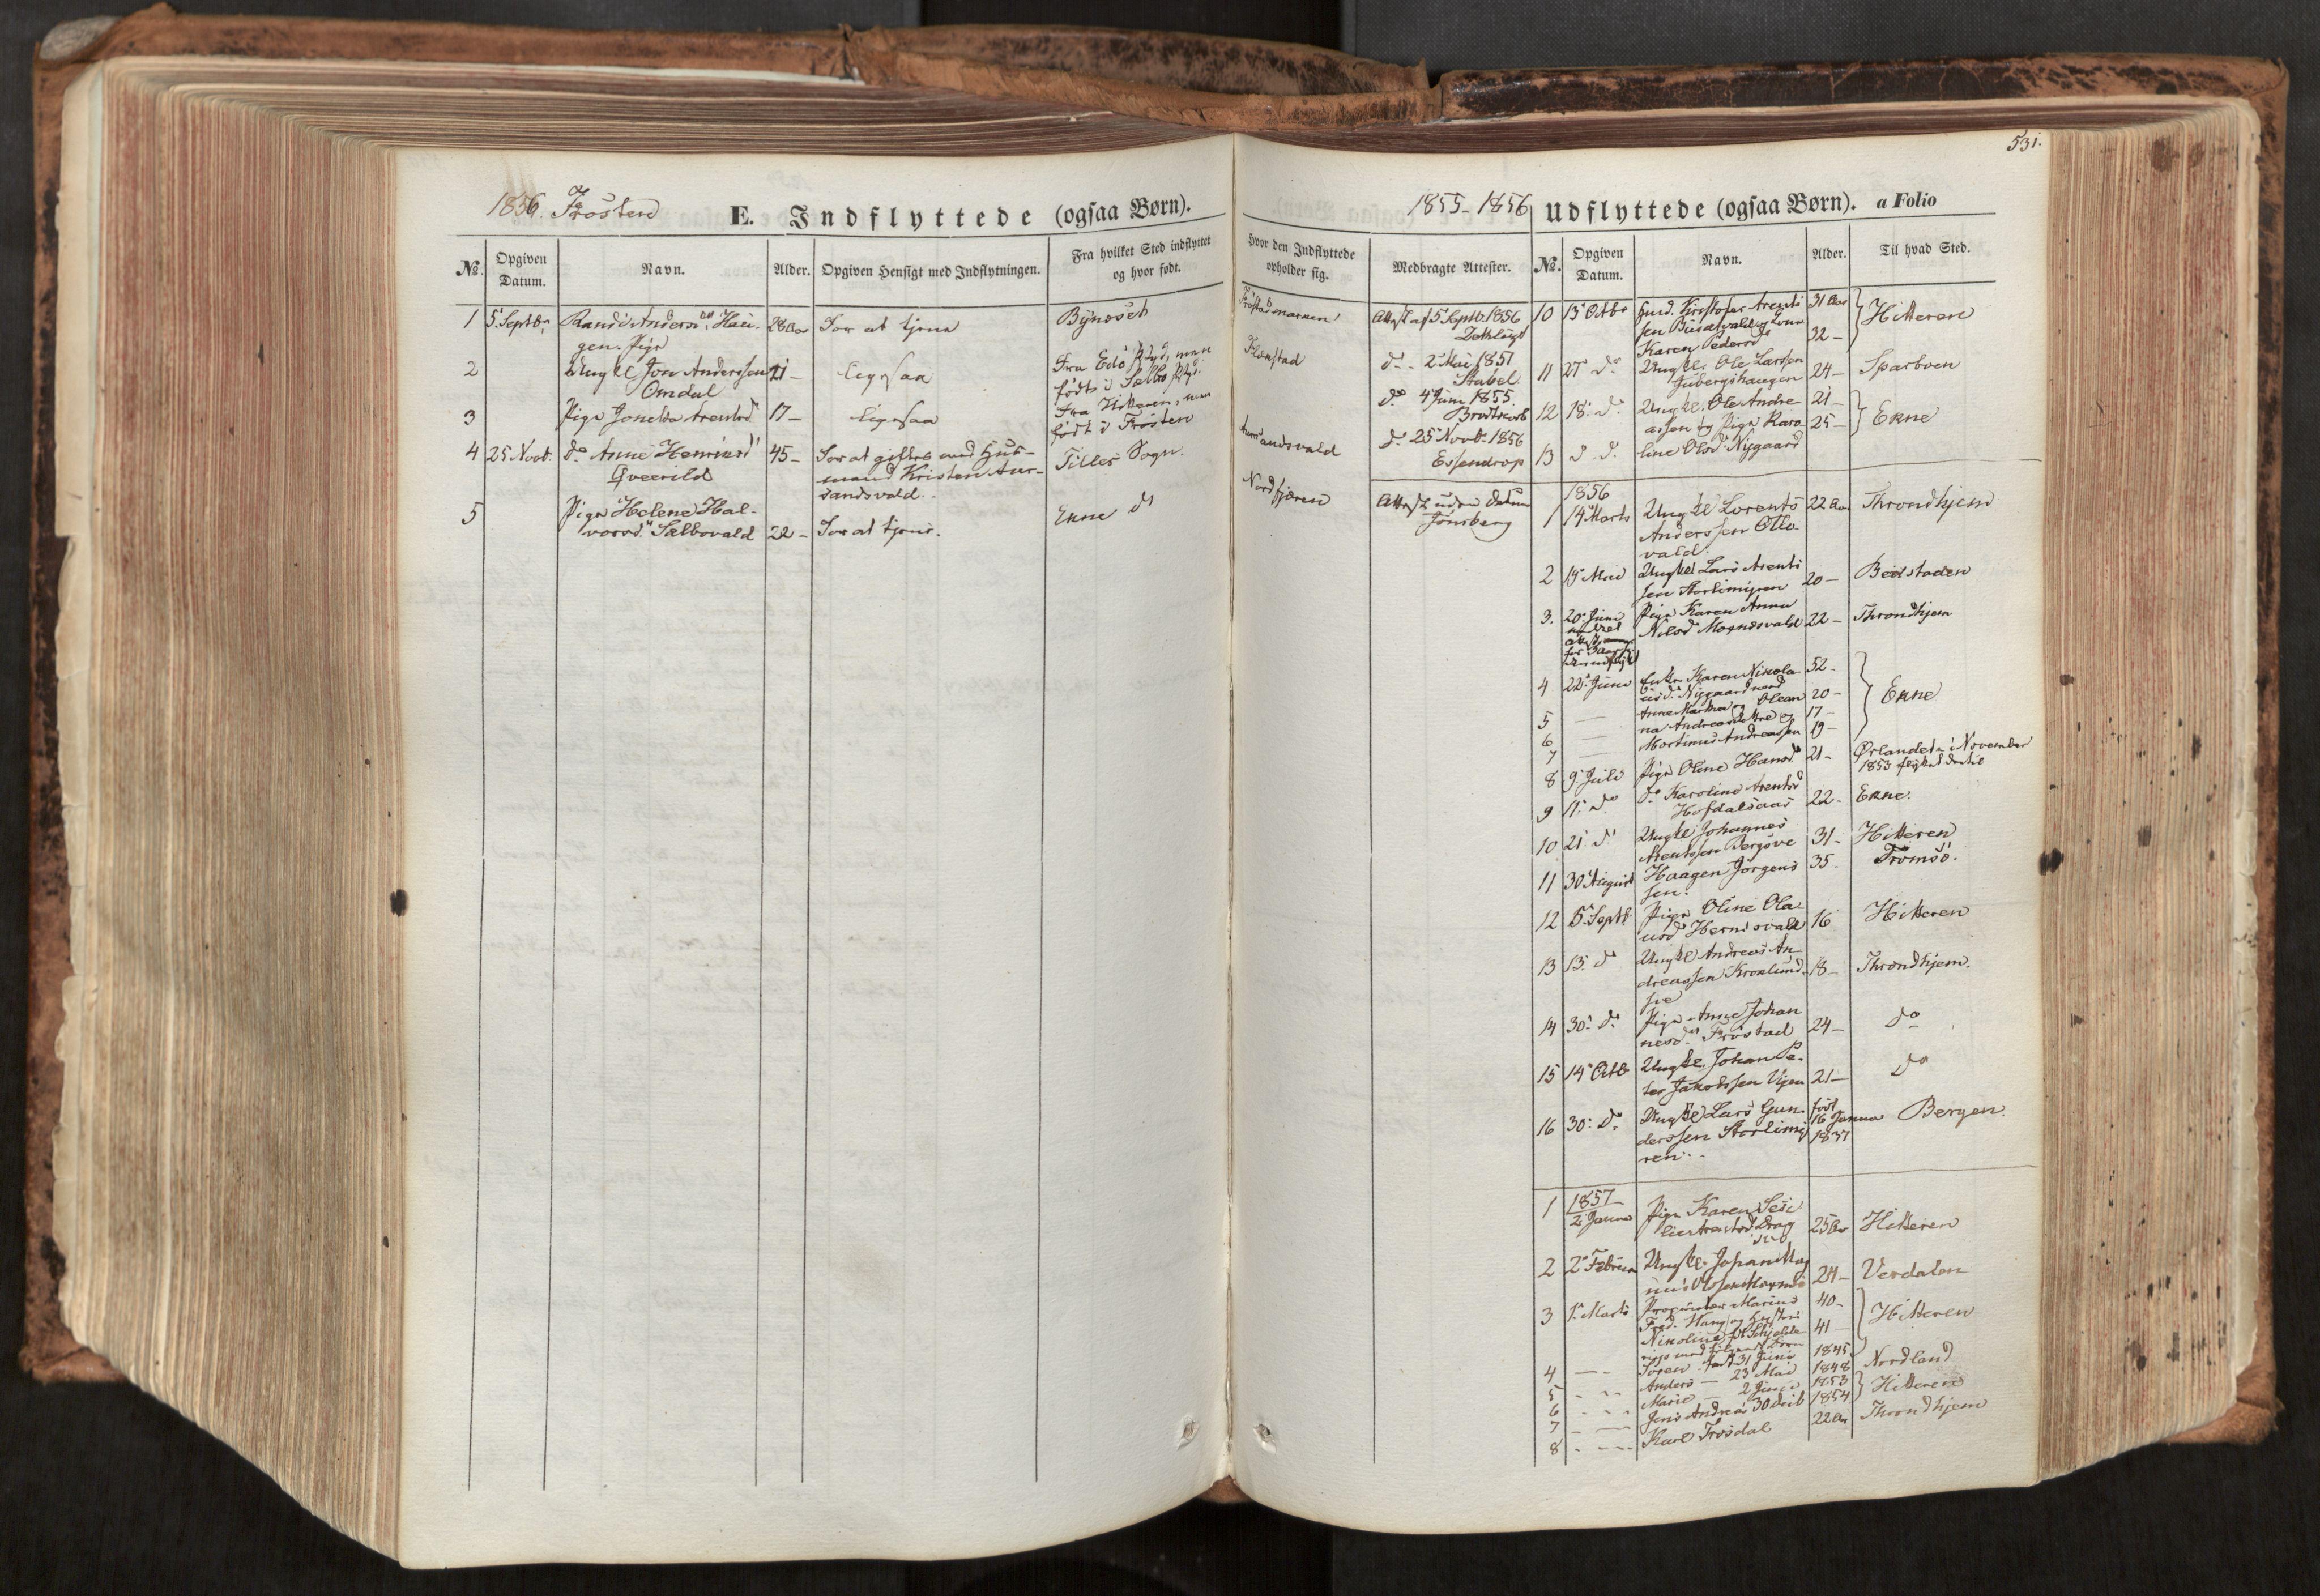 SAT, Ministerialprotokoller, klokkerbøker og fødselsregistre - Nord-Trøndelag, 713/L0116: Ministerialbok nr. 713A07, 1850-1877, s. 531